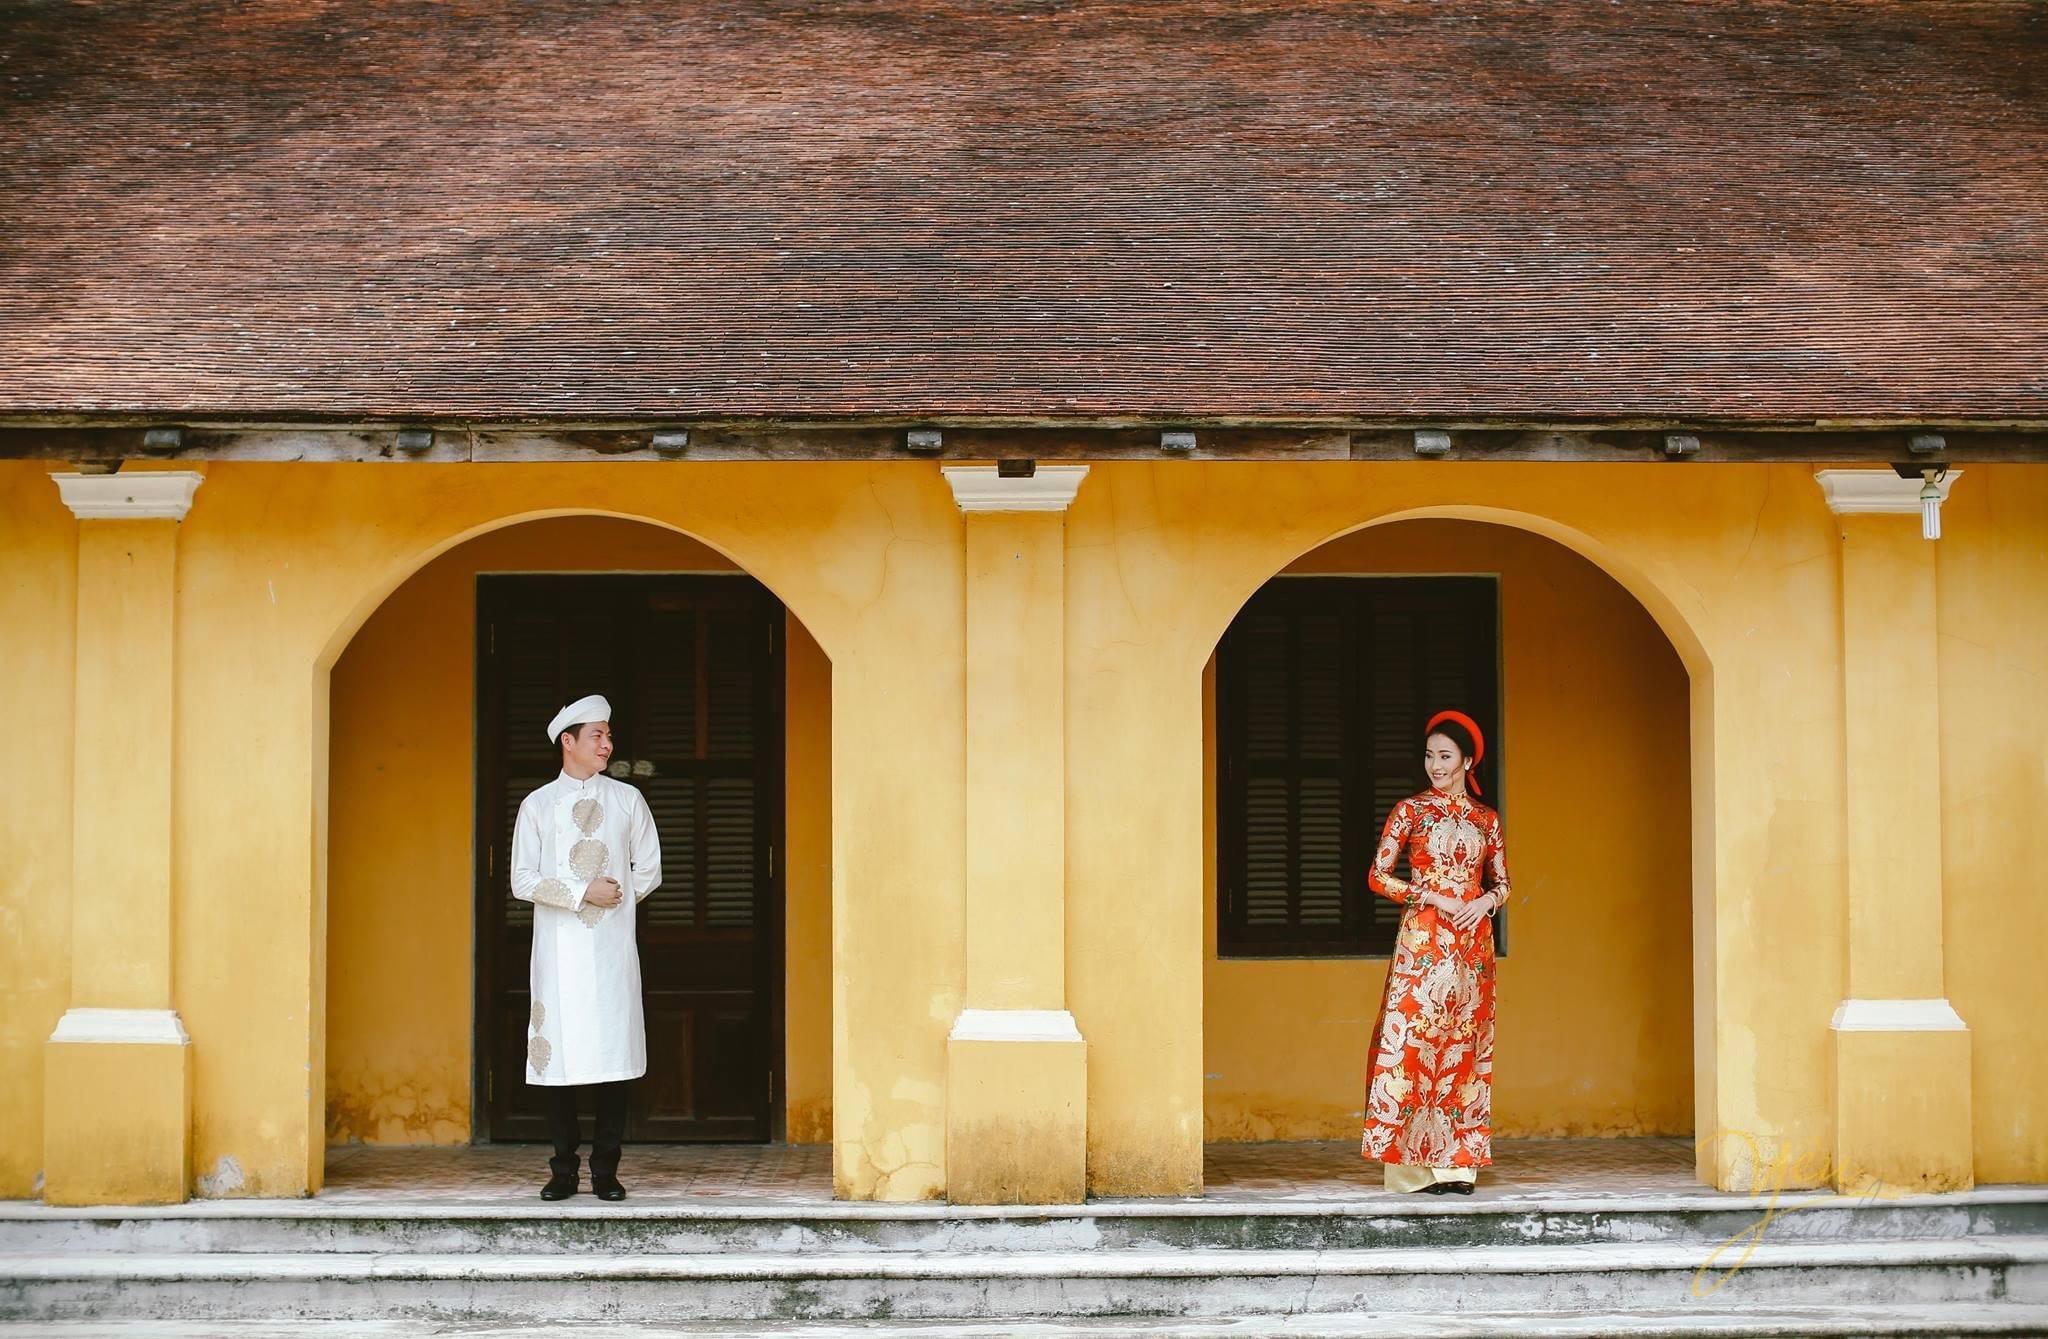 ảnh cưới trang phục áo dài cổ cô dâu chú rể đứng ở hiên nhà cổ